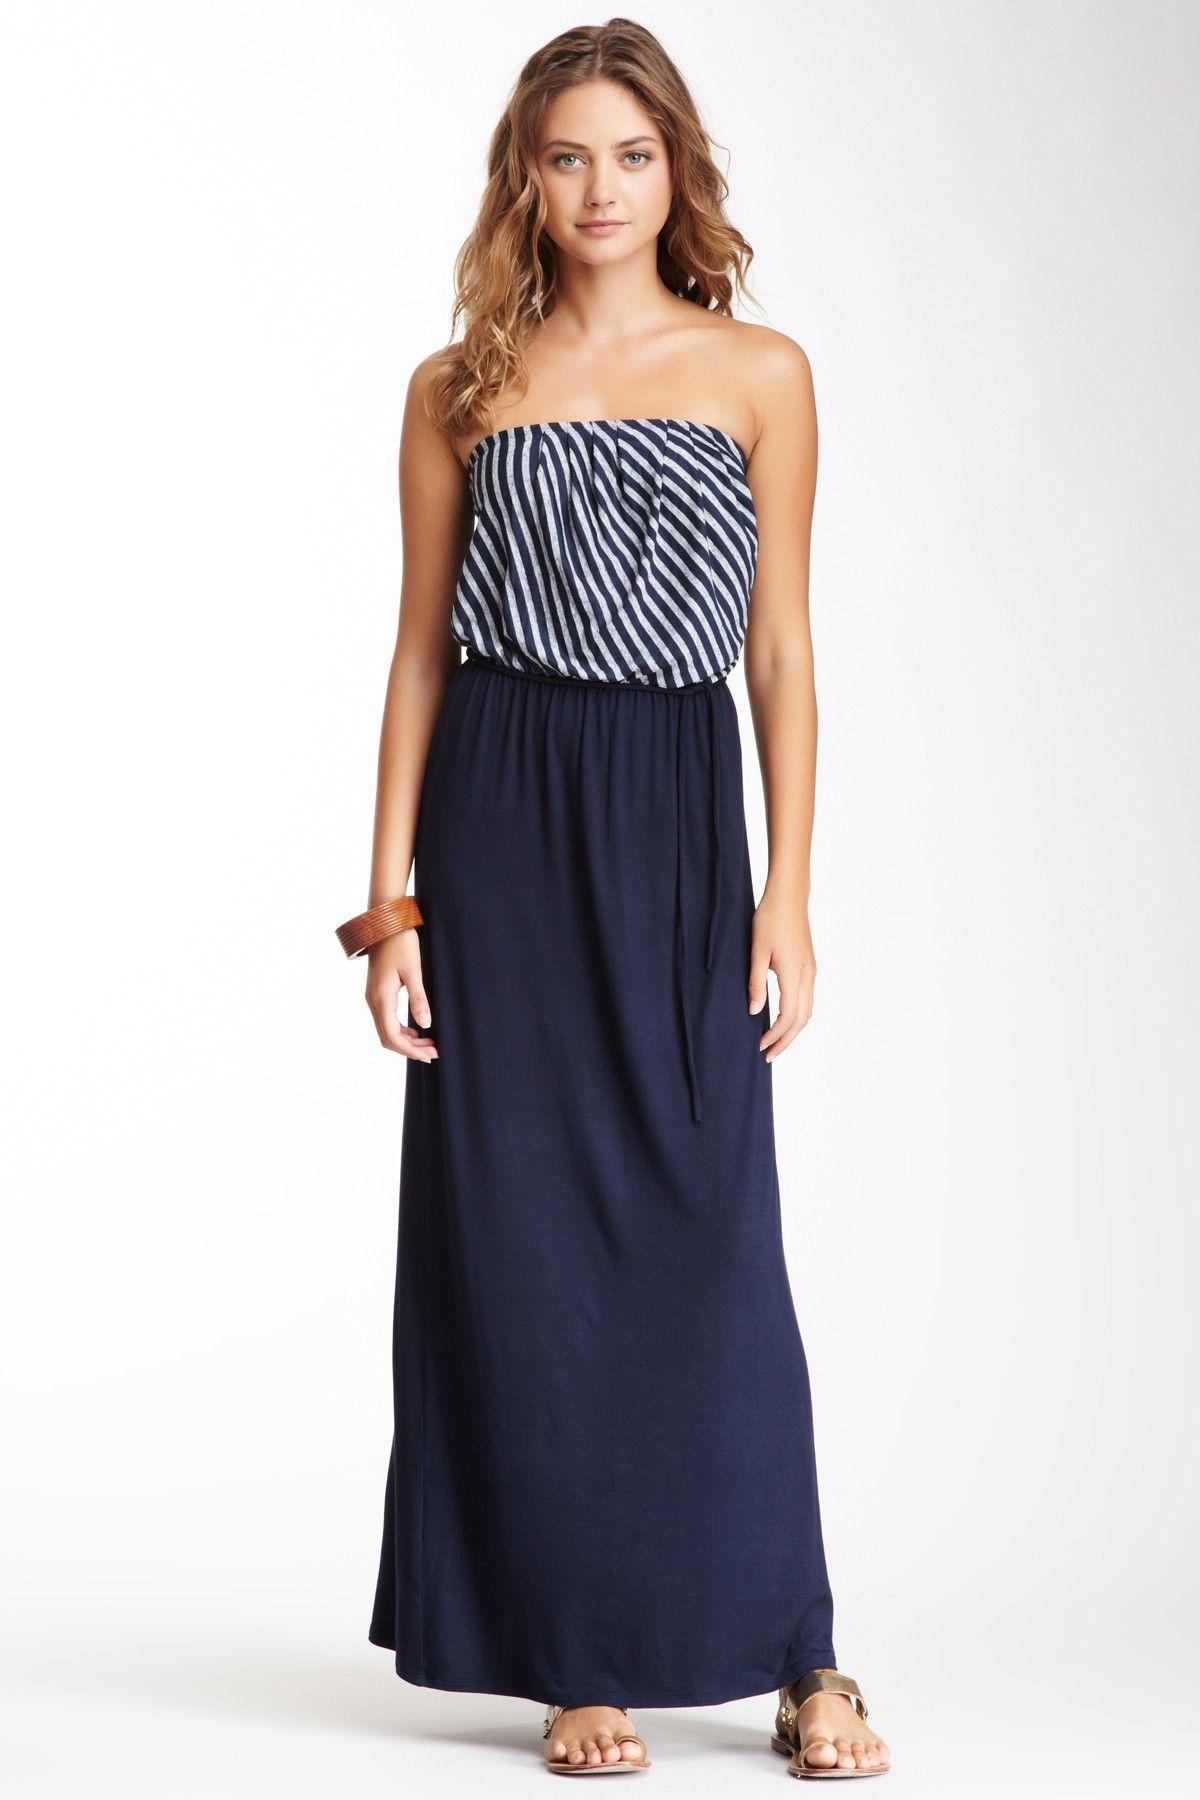 Strapless Maxi Dress on HauteLook $39